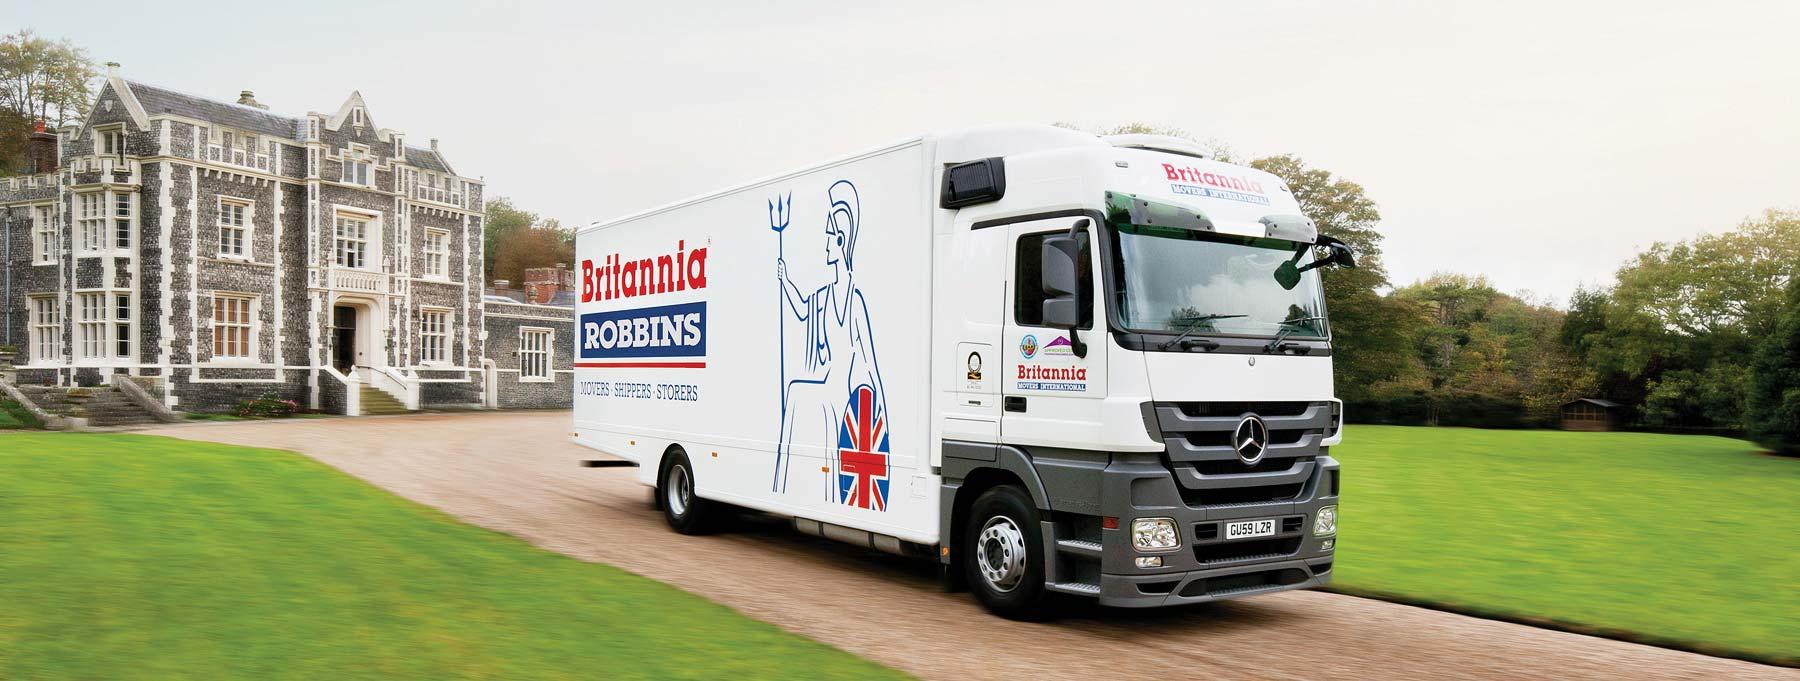 britannia-lorry-slider